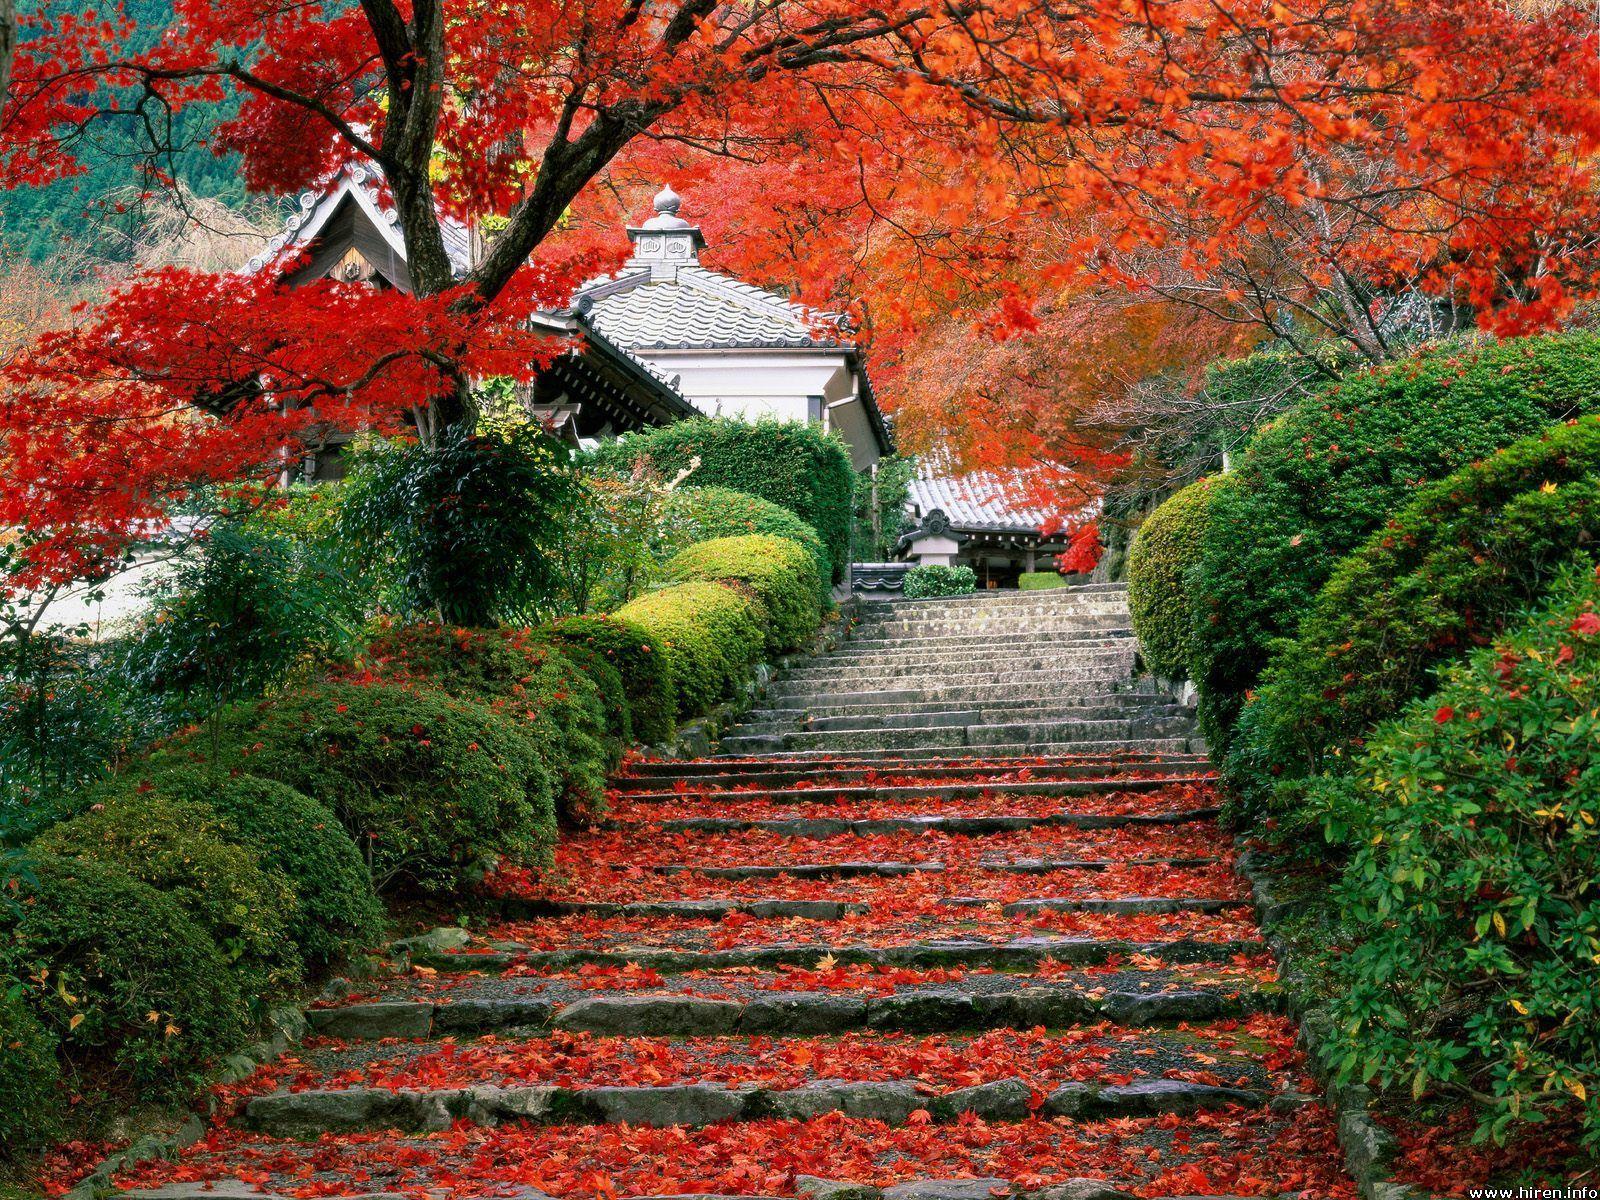 -beautiful-Japan-beautiful-places-20150791-1600-1200.jpg